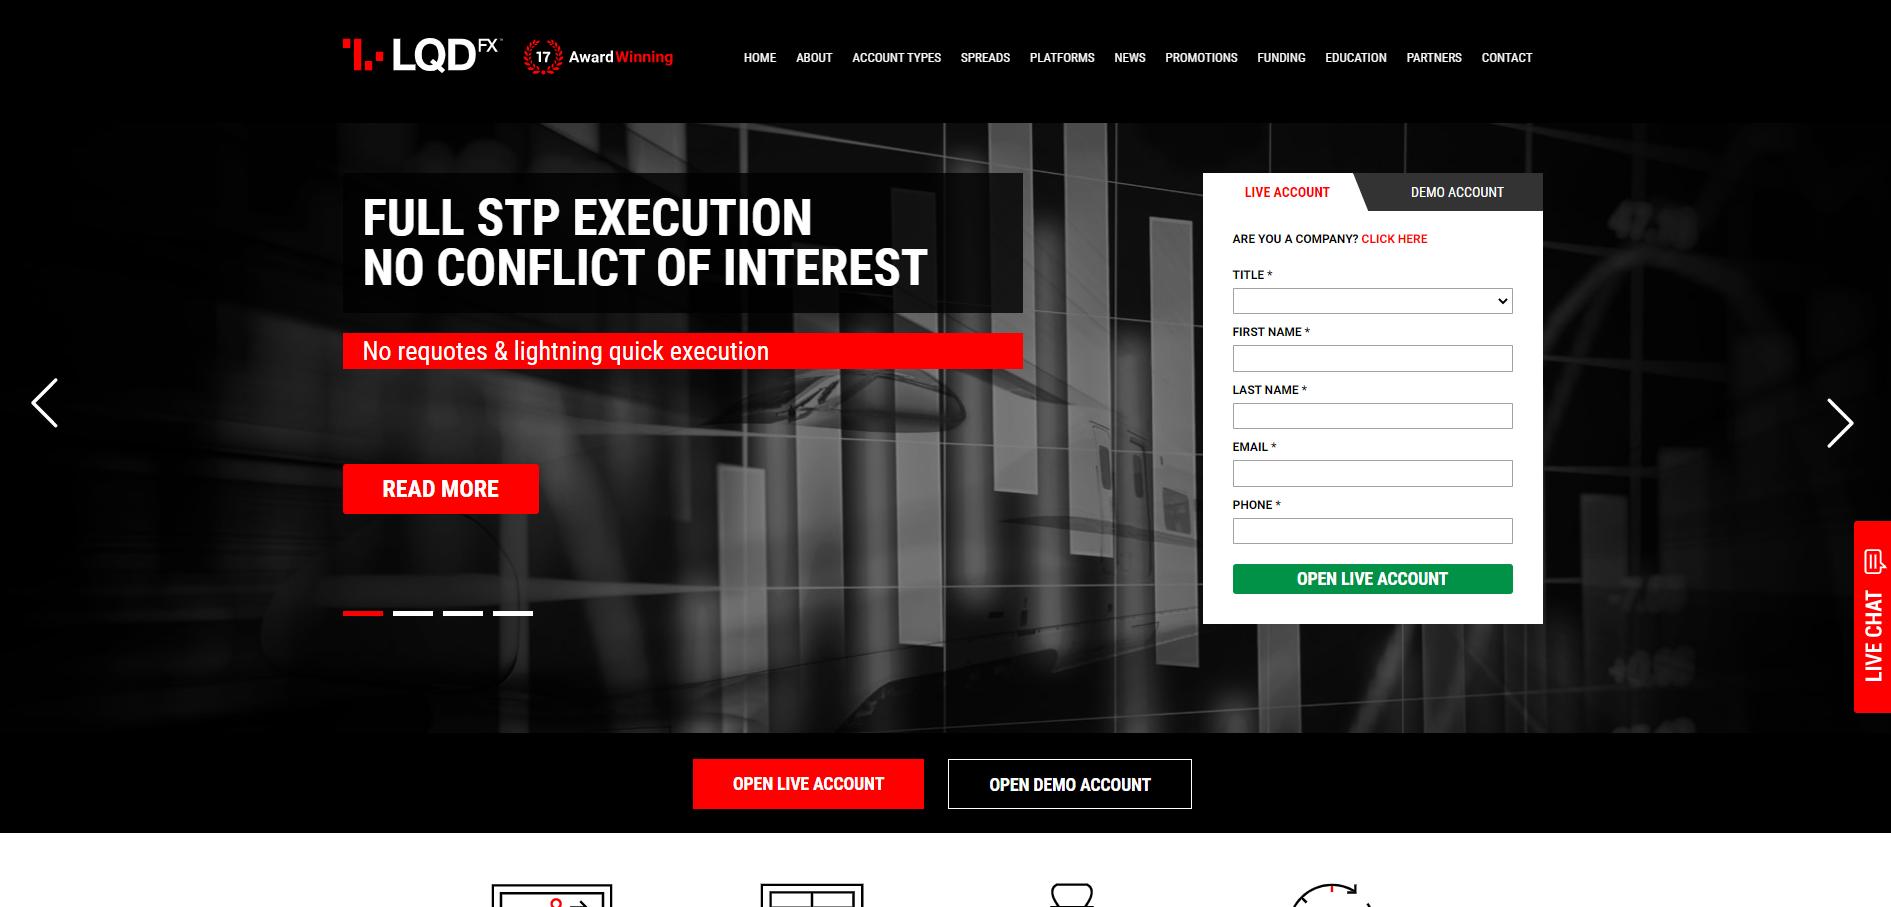 Sitio web oficial de LQDFX